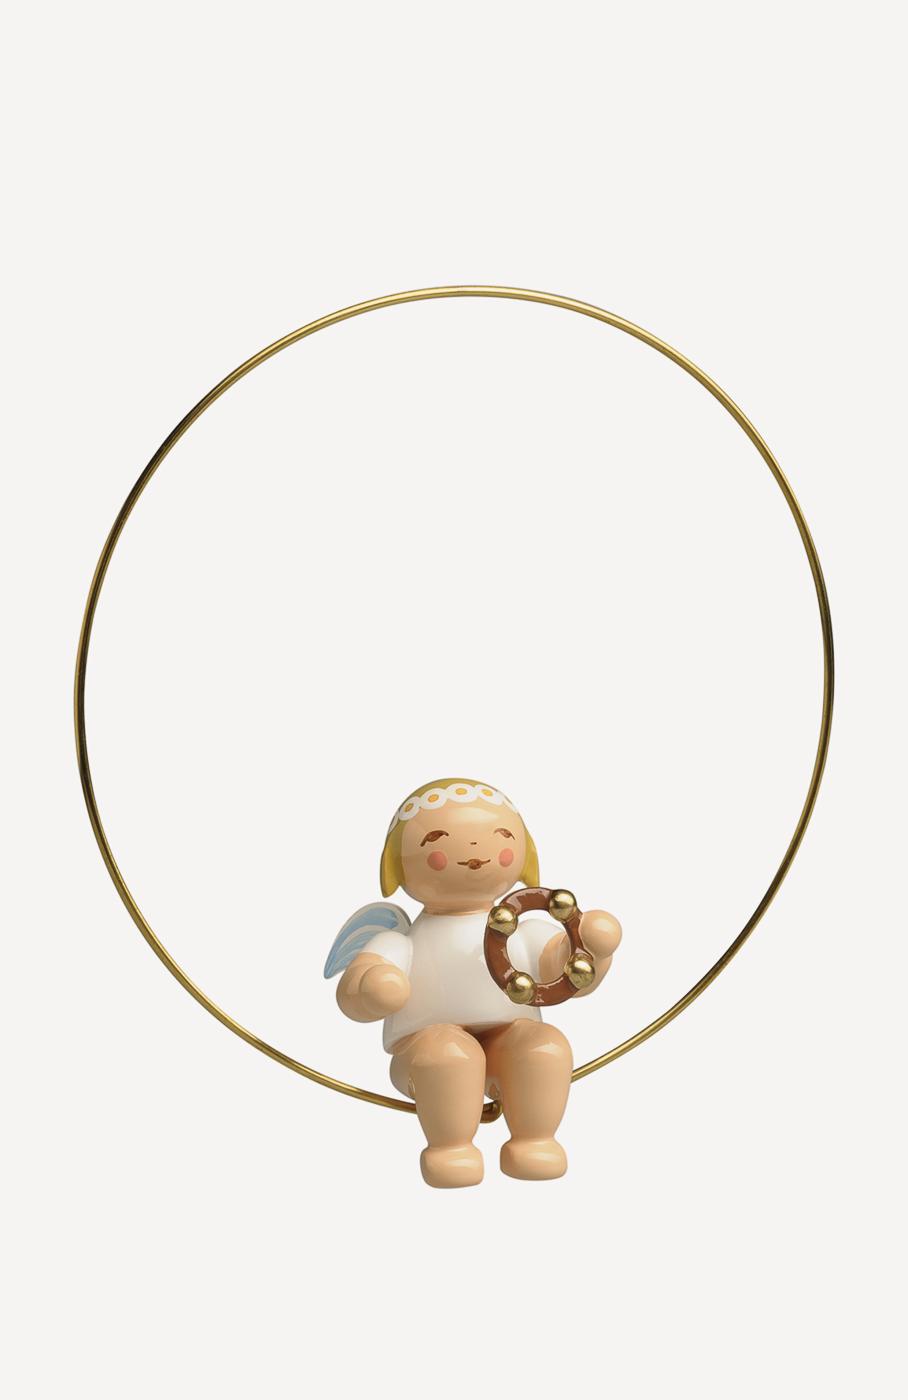 Christbaumengel im Ring, mit Schellenring